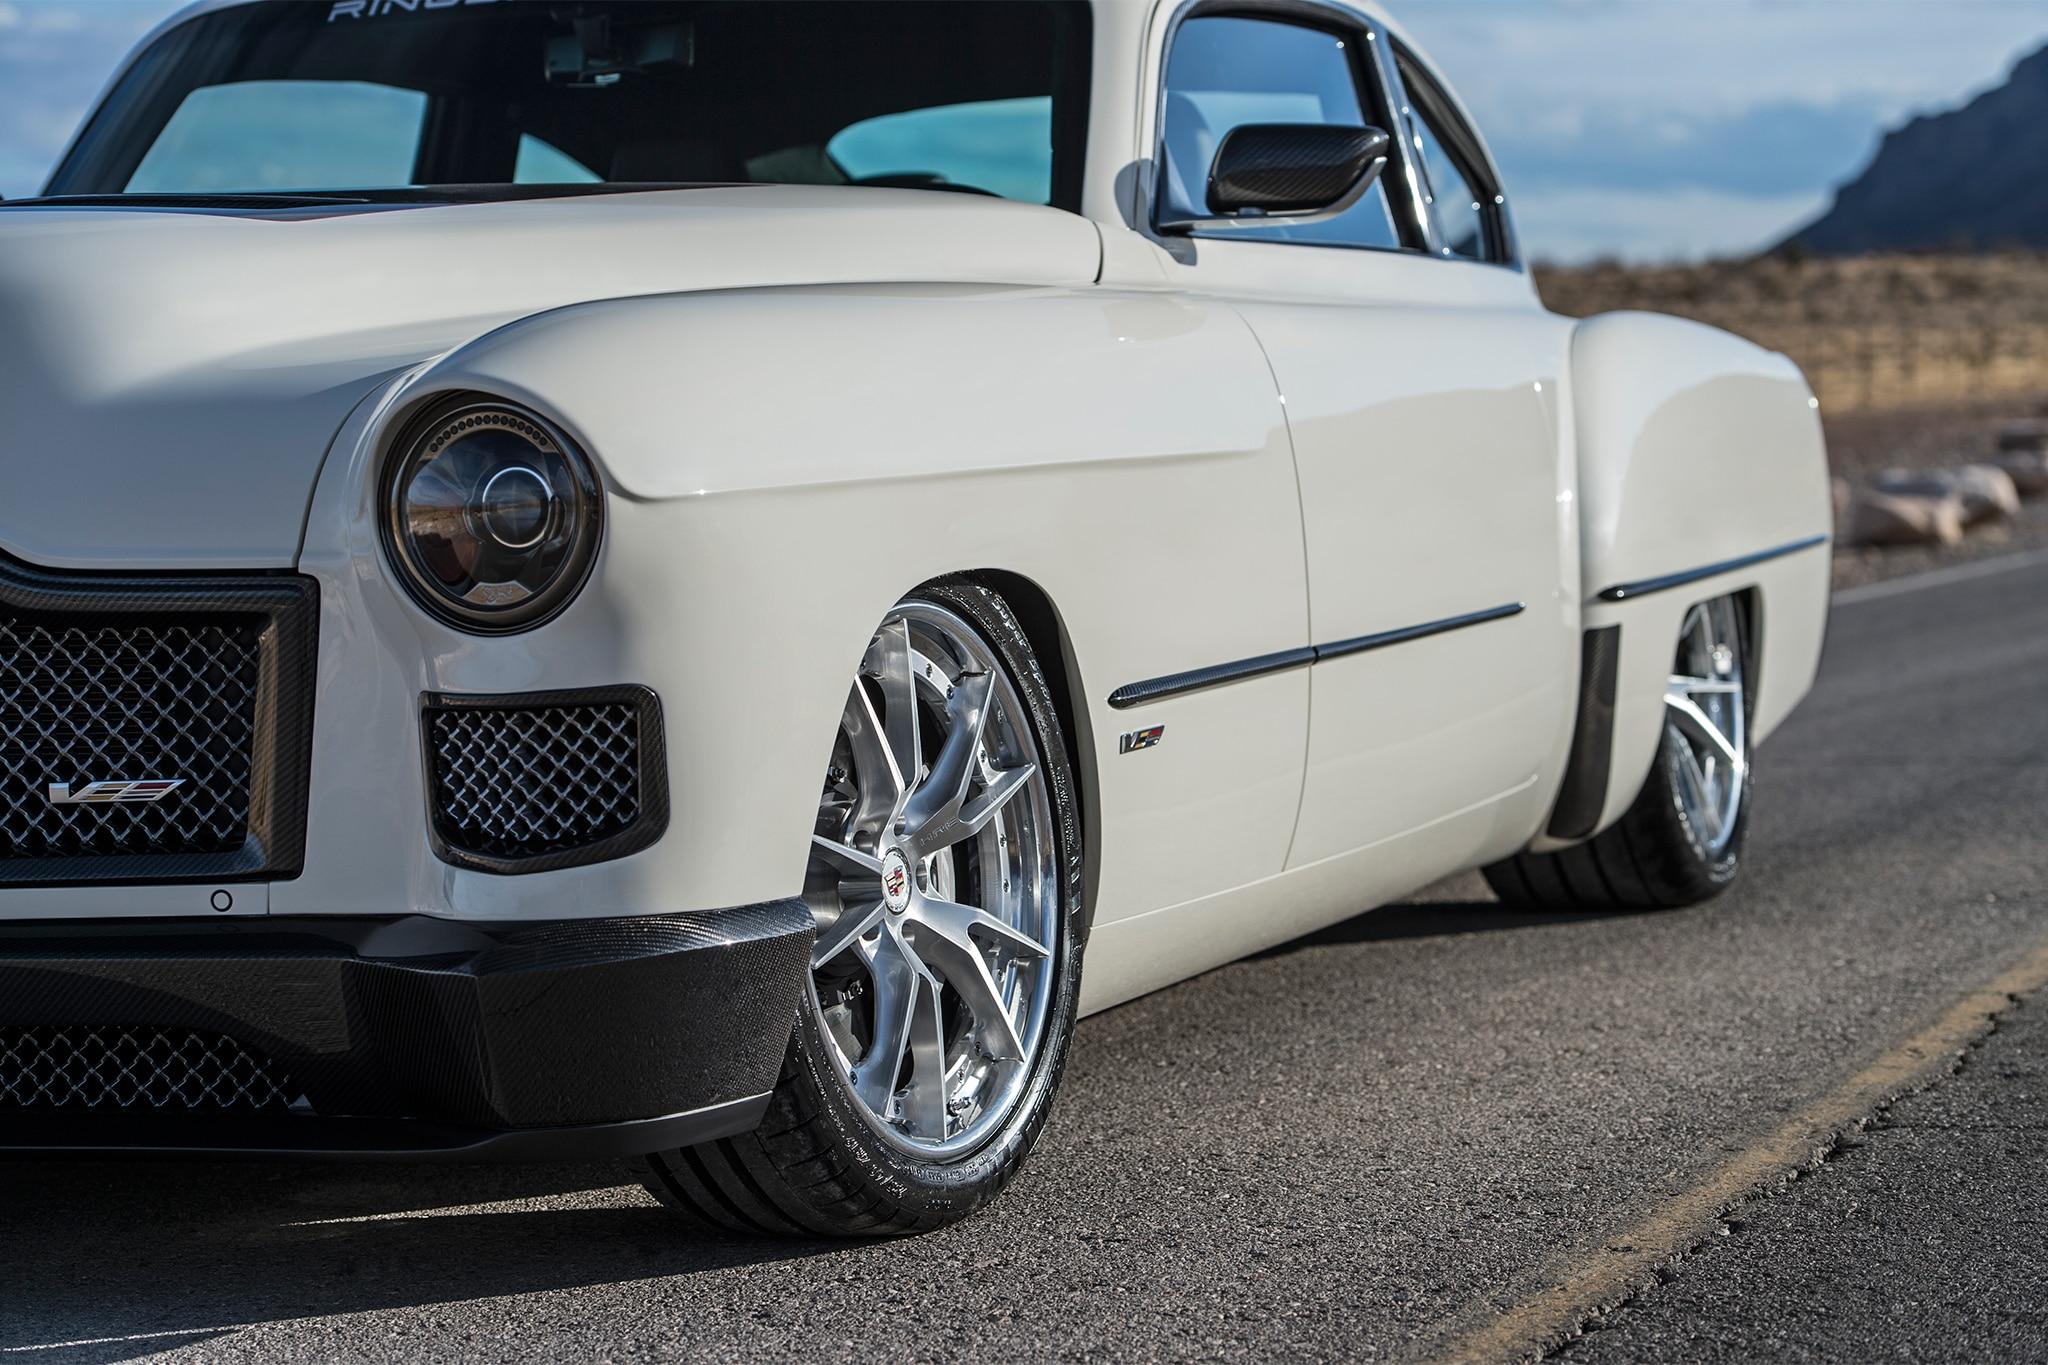 Sema 2016 Ringbrothers Custom 1948 Cadillac Automobile